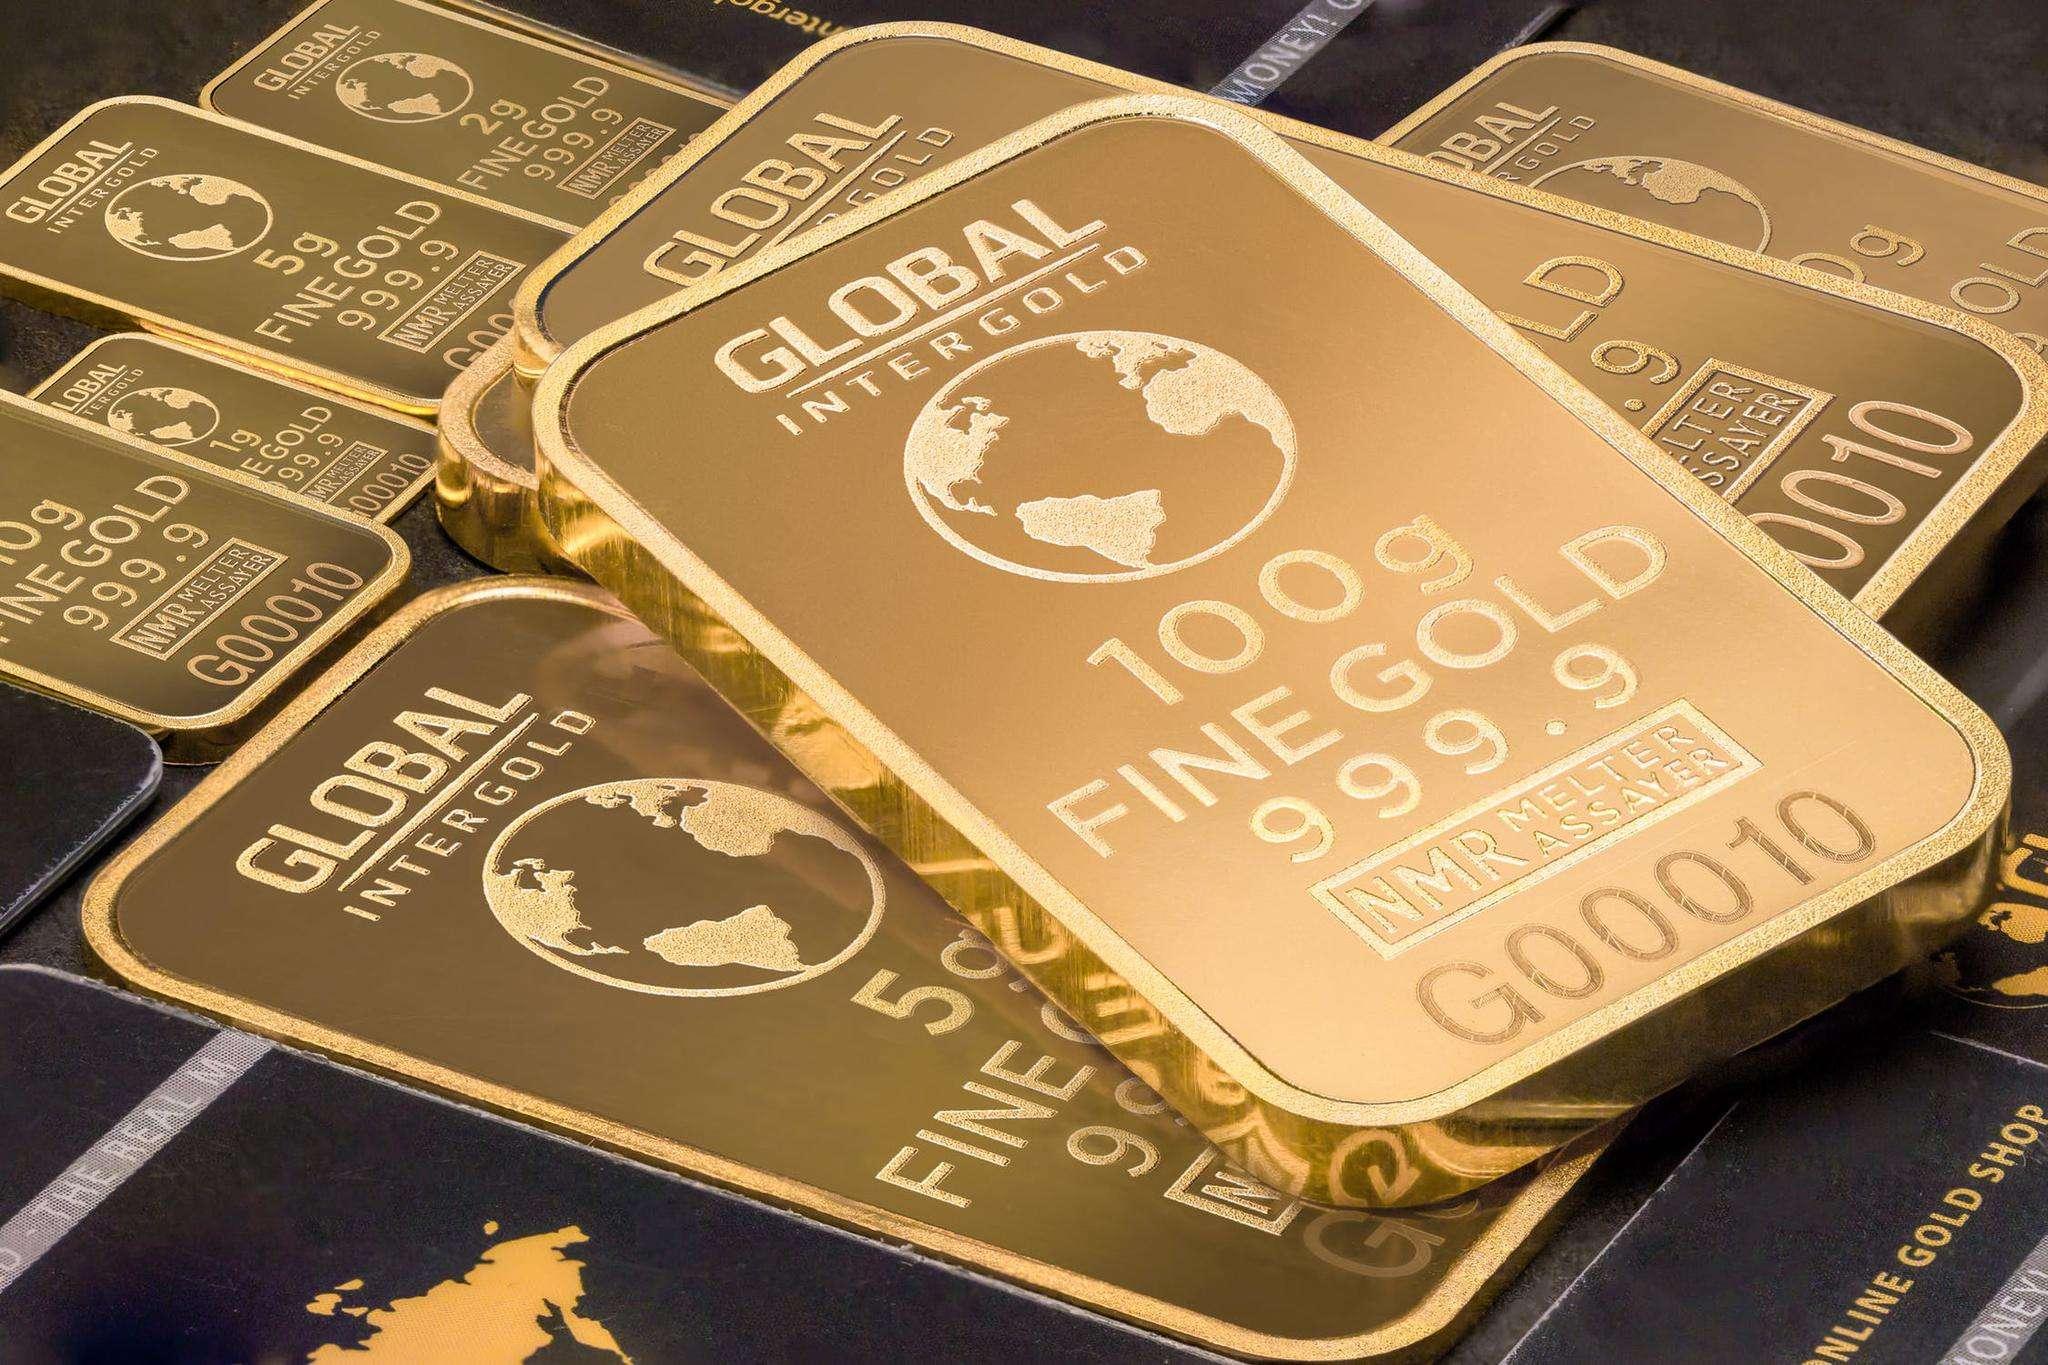 美元飙升怒创新高 国际黄金前景仍乐观?